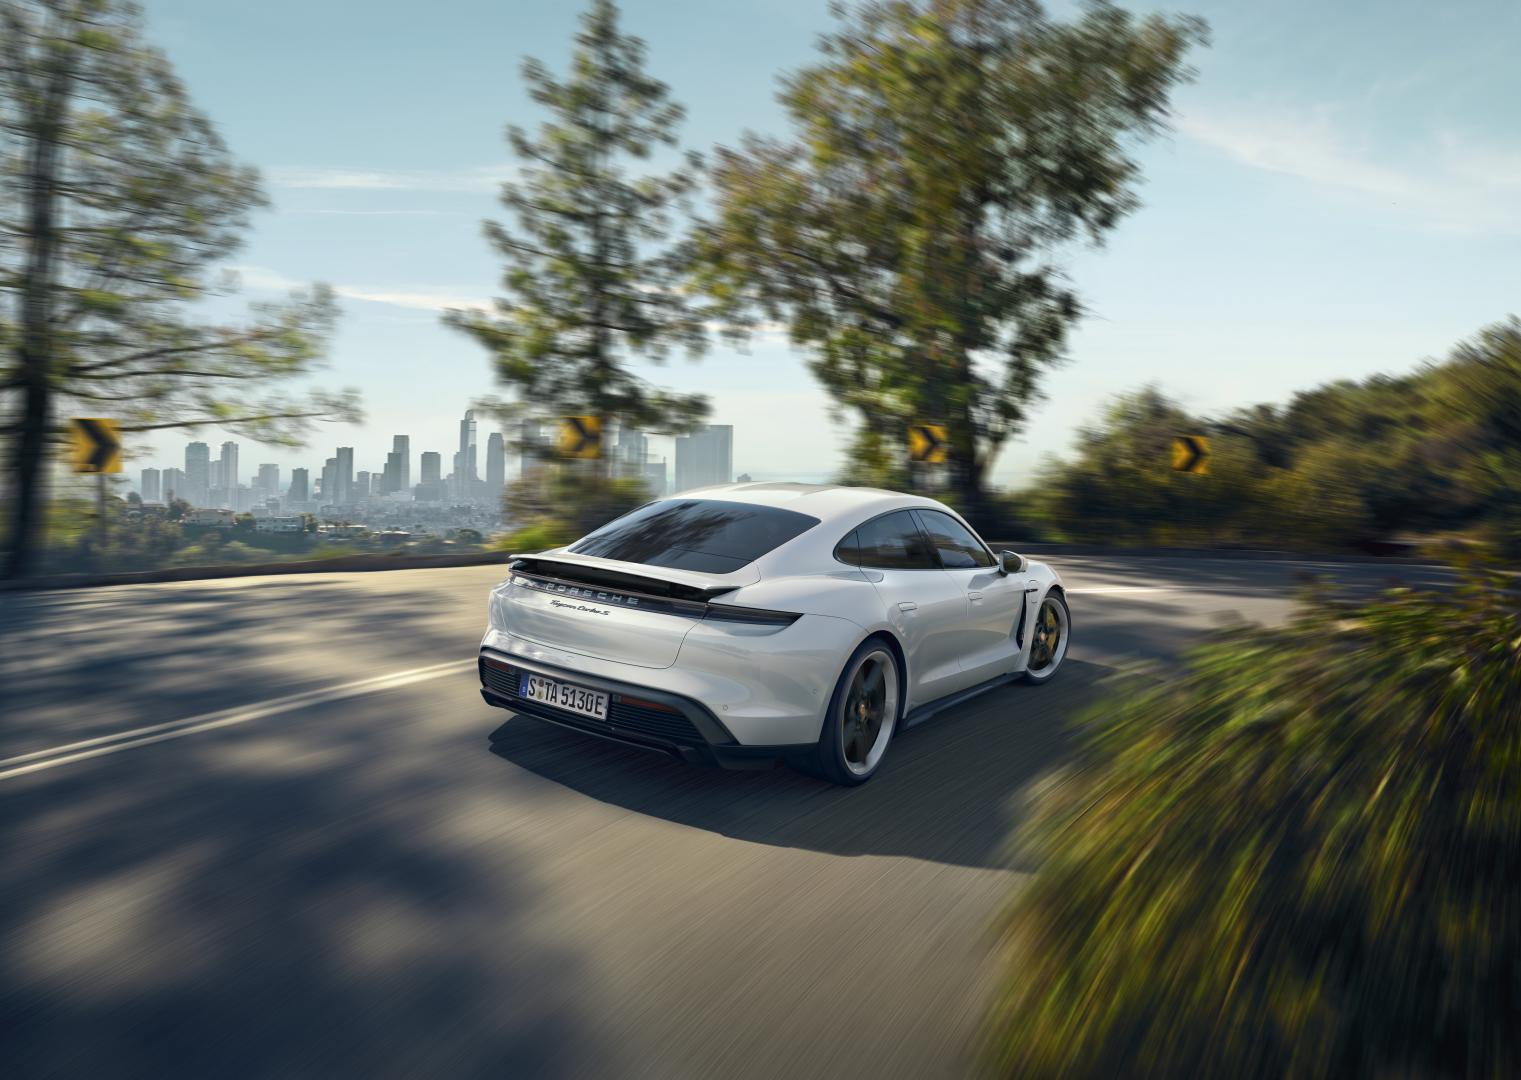 Porsche Taycan Turbo S 2019